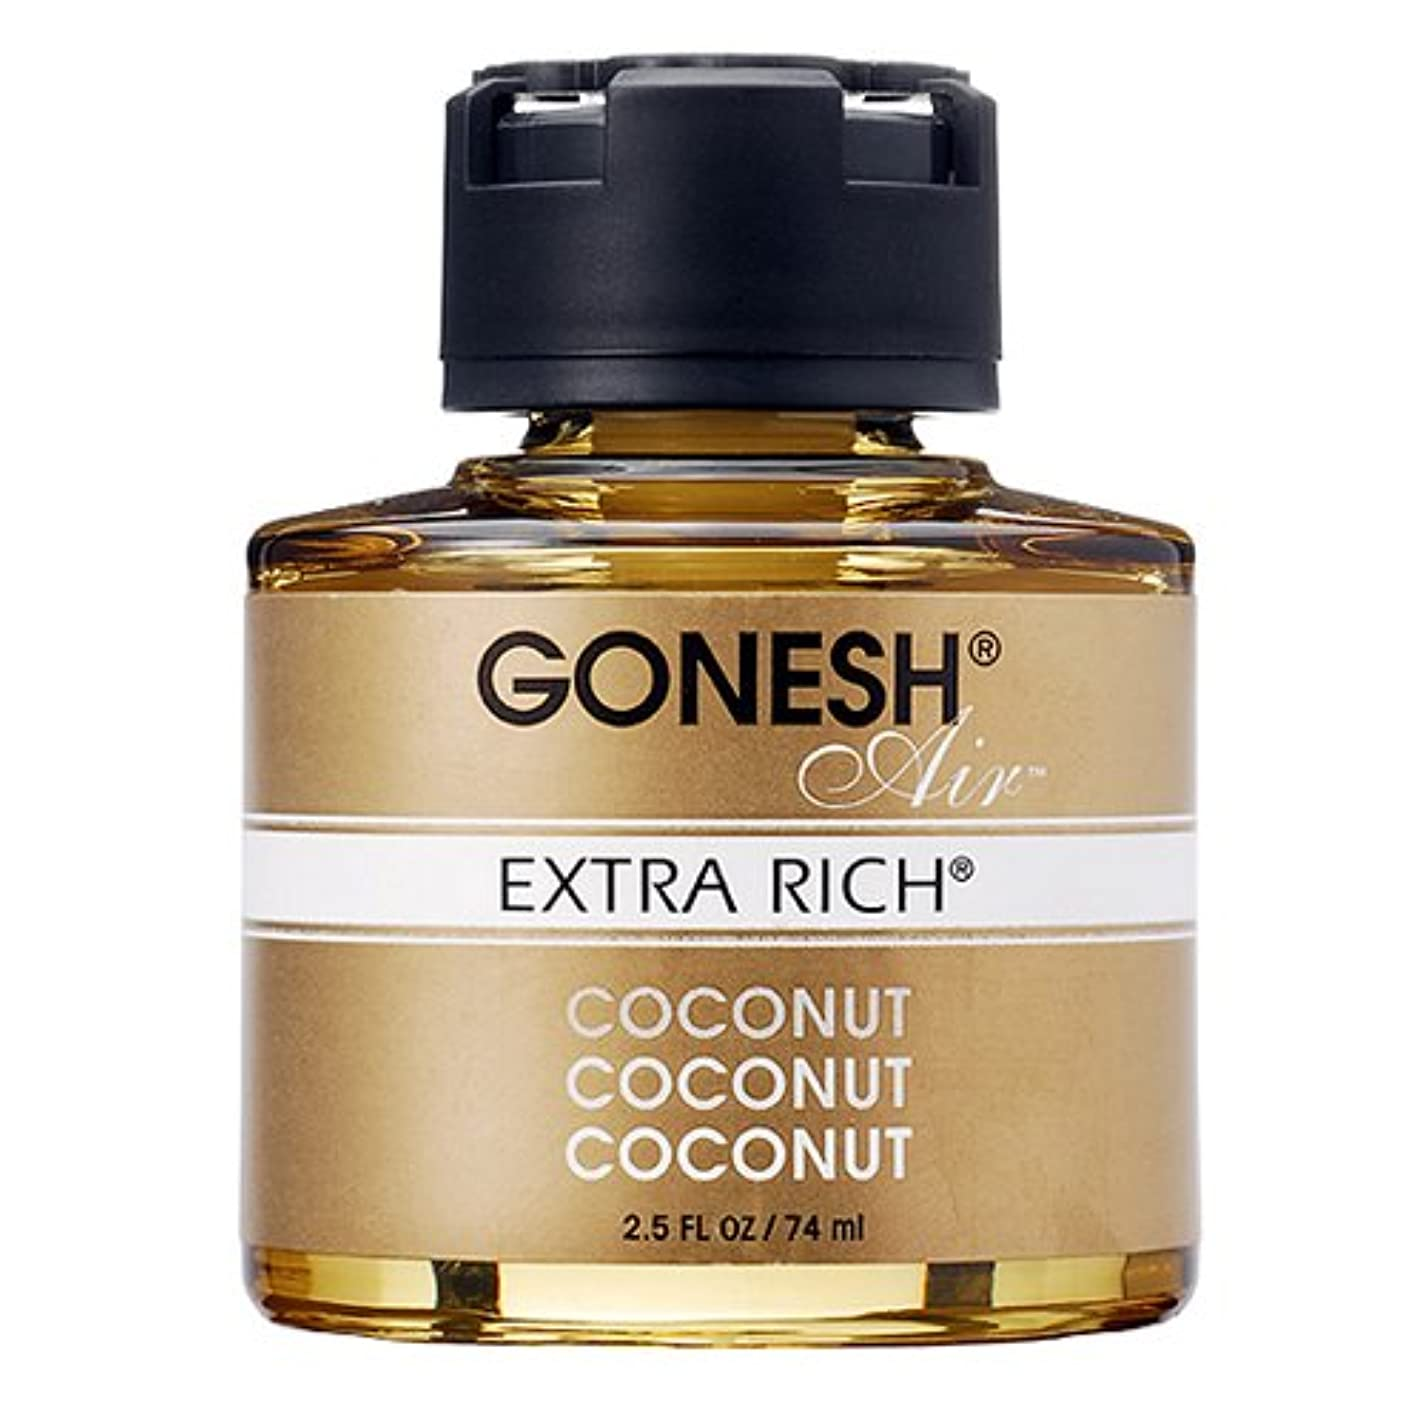 請求可能役に立たない申し込むGONESH リキッドエアフレッシュナー ココナッツ